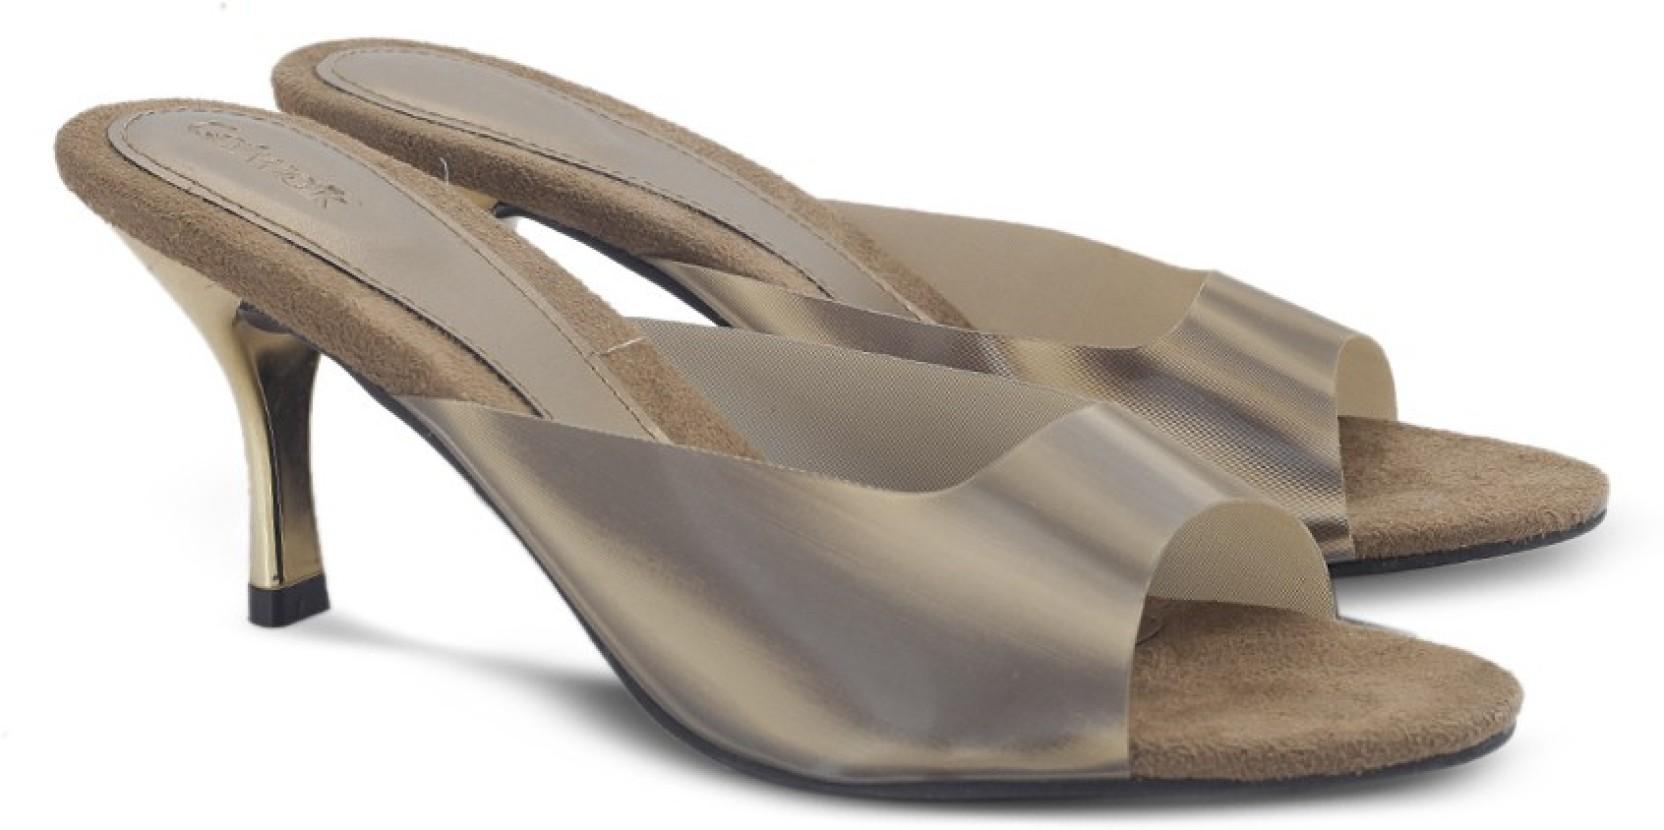 0f8c37ca3 Catwalk Women BRONZE Heels - Buy BRONZE Color Catwalk Women BRONZE ...